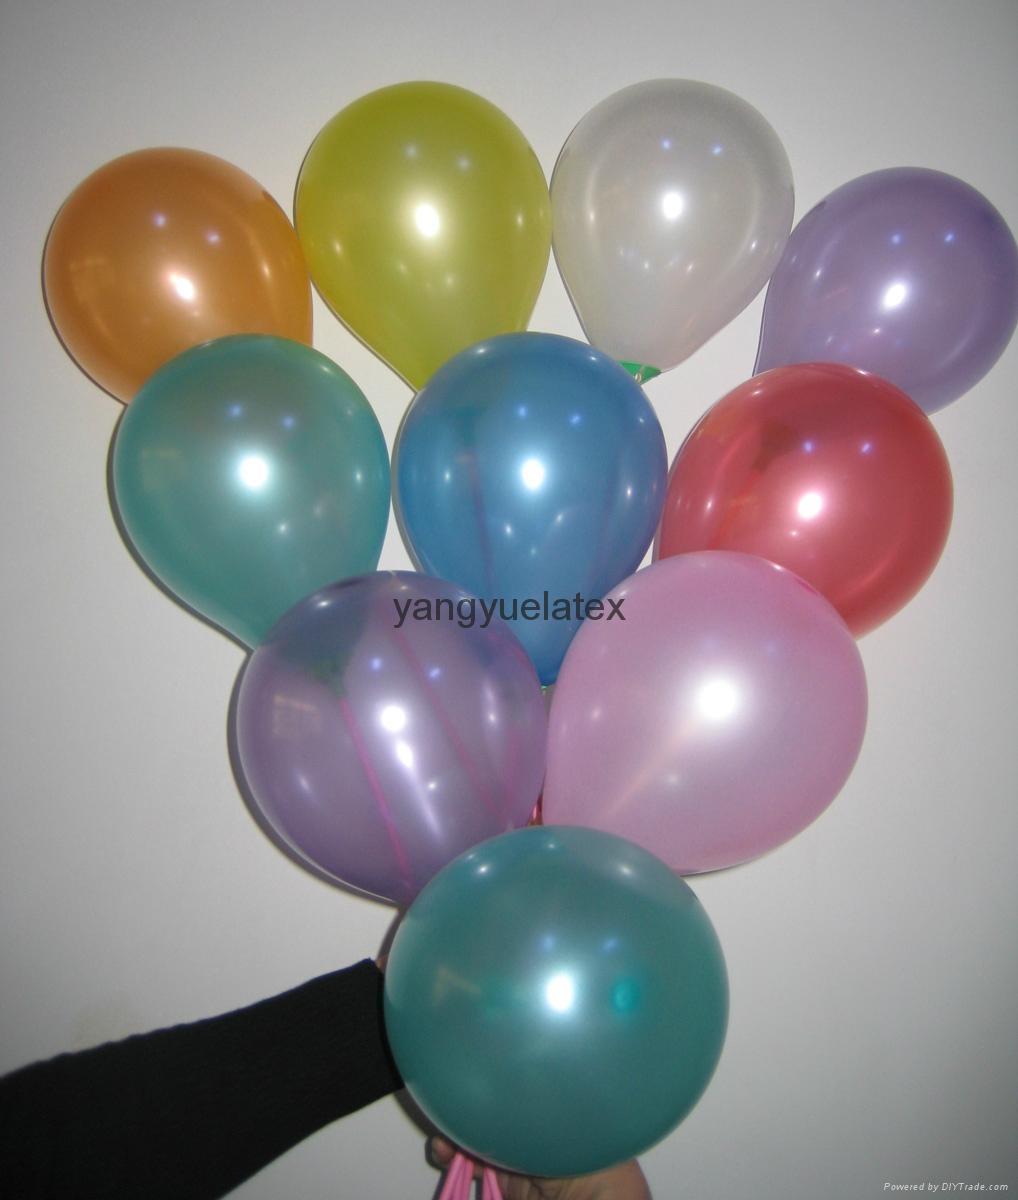 balloon link o 10inch 2.3g Connect the balloon 5